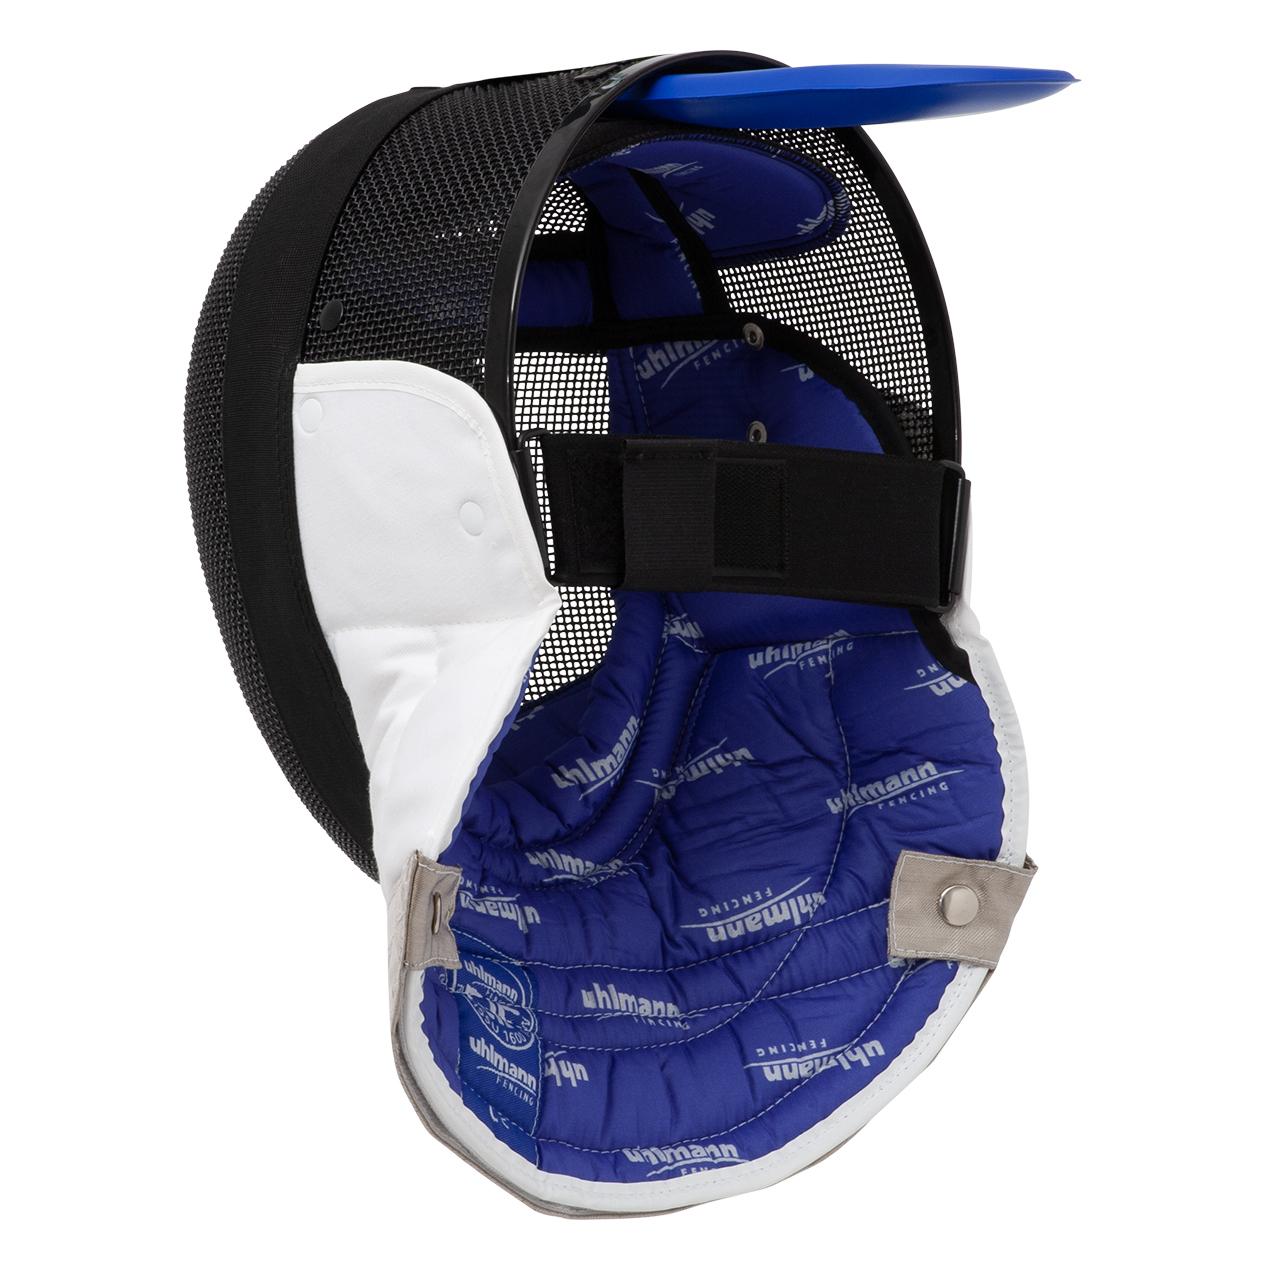 FIE Vario-Maske 1600N LIGHT, mit abnehmbarem leitenden Latz